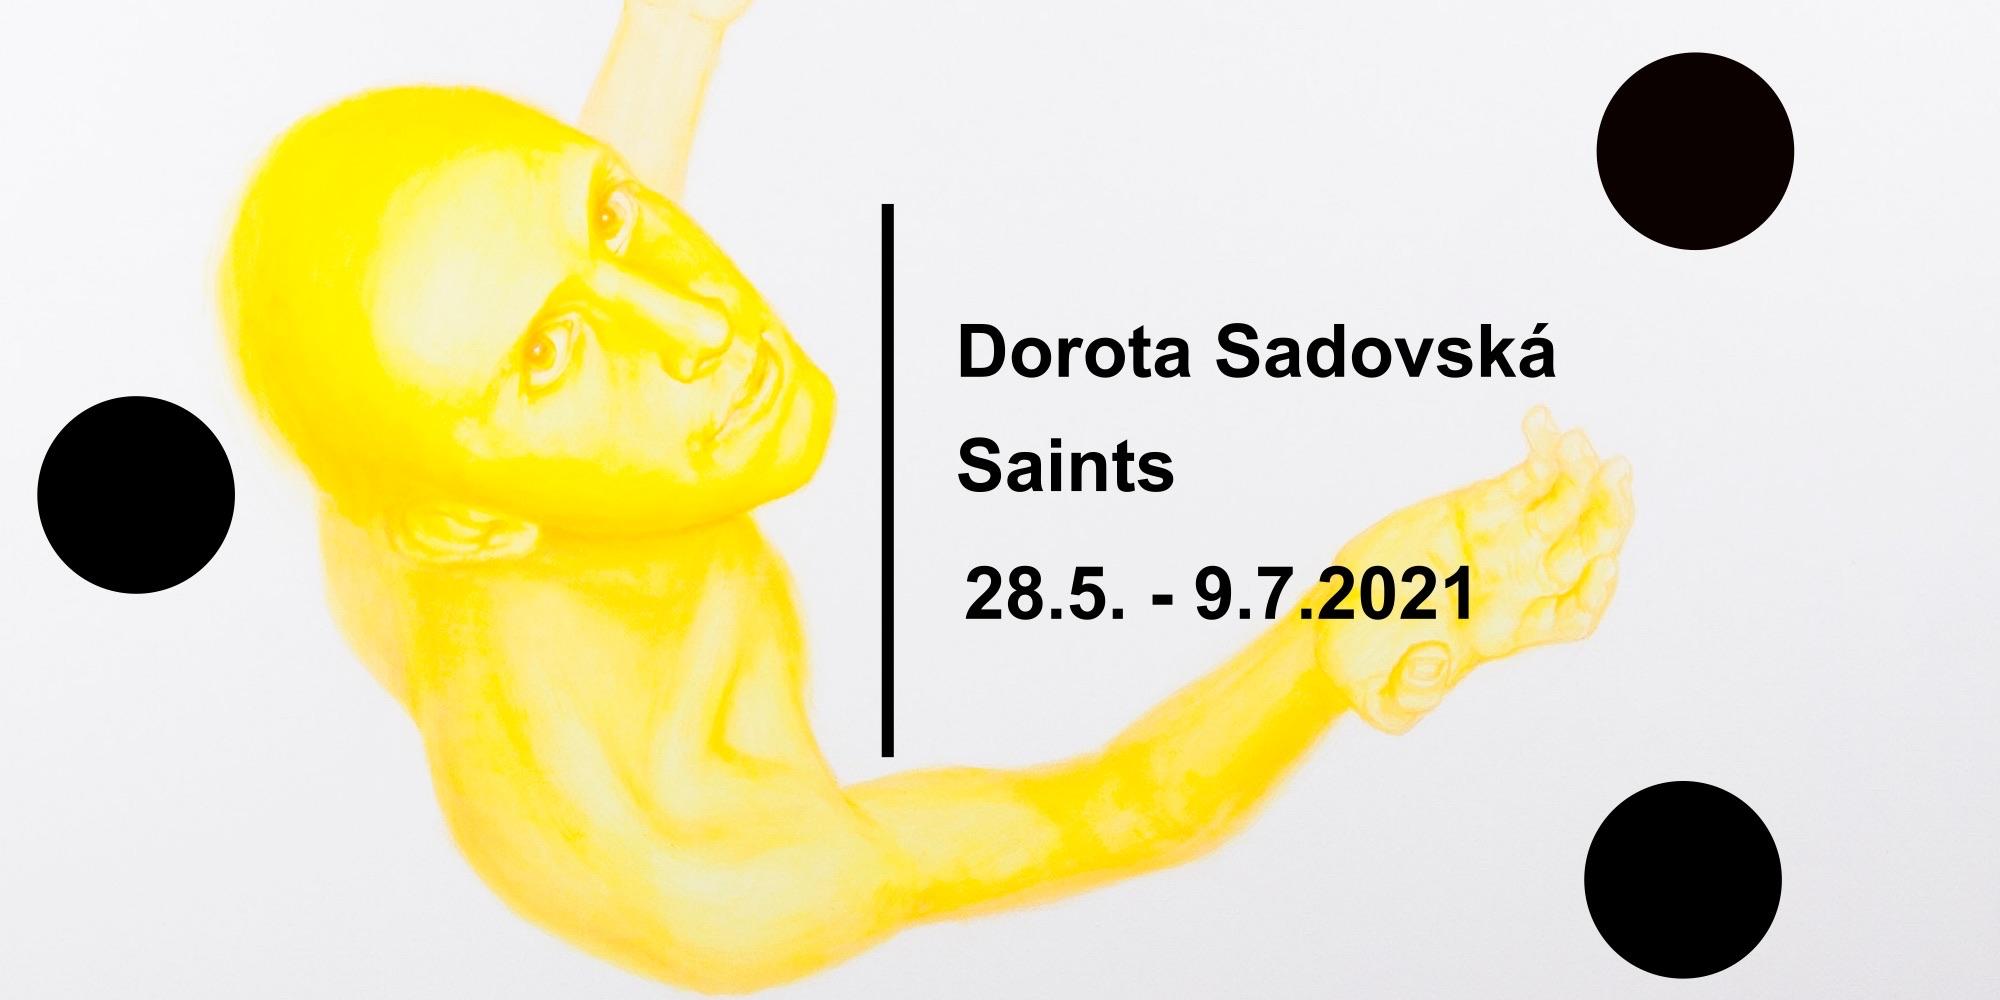 Dorota Sadovská – saints